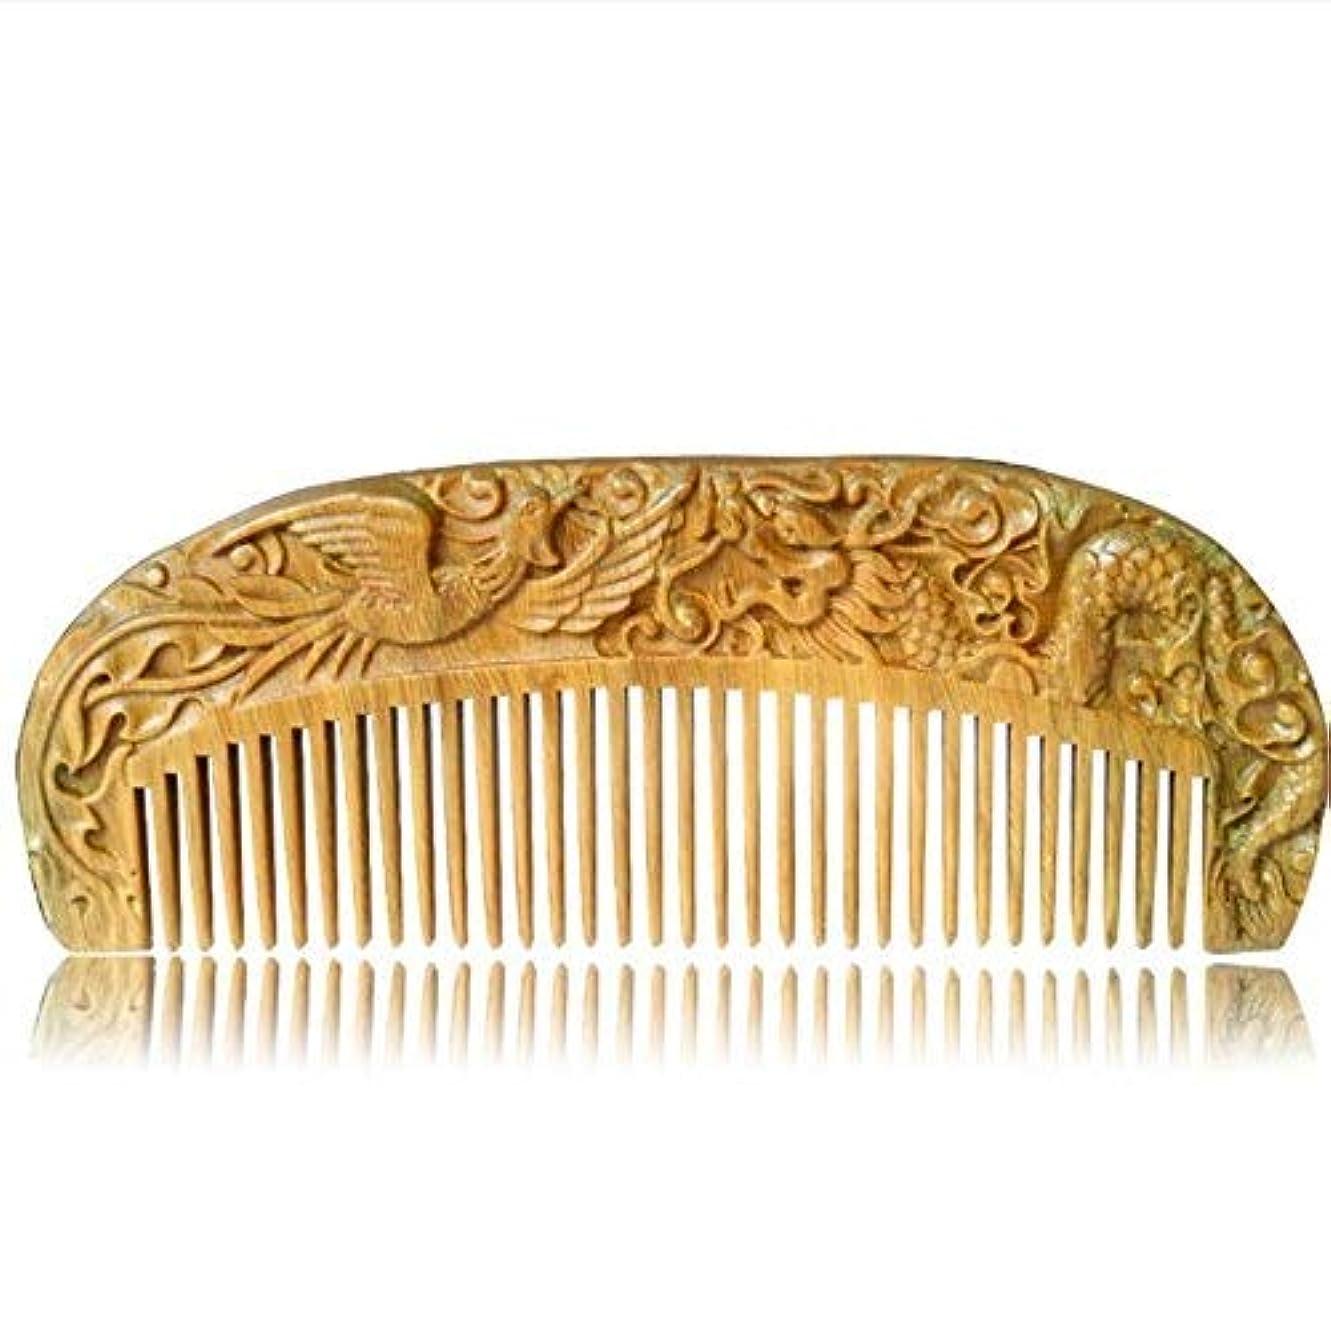 憧れはげトークHandmade Carved Natural Sandalwood Hair Comb - Anti-Static Sandalwood Hair Comb Beard Brush Rake Comb Handmade...